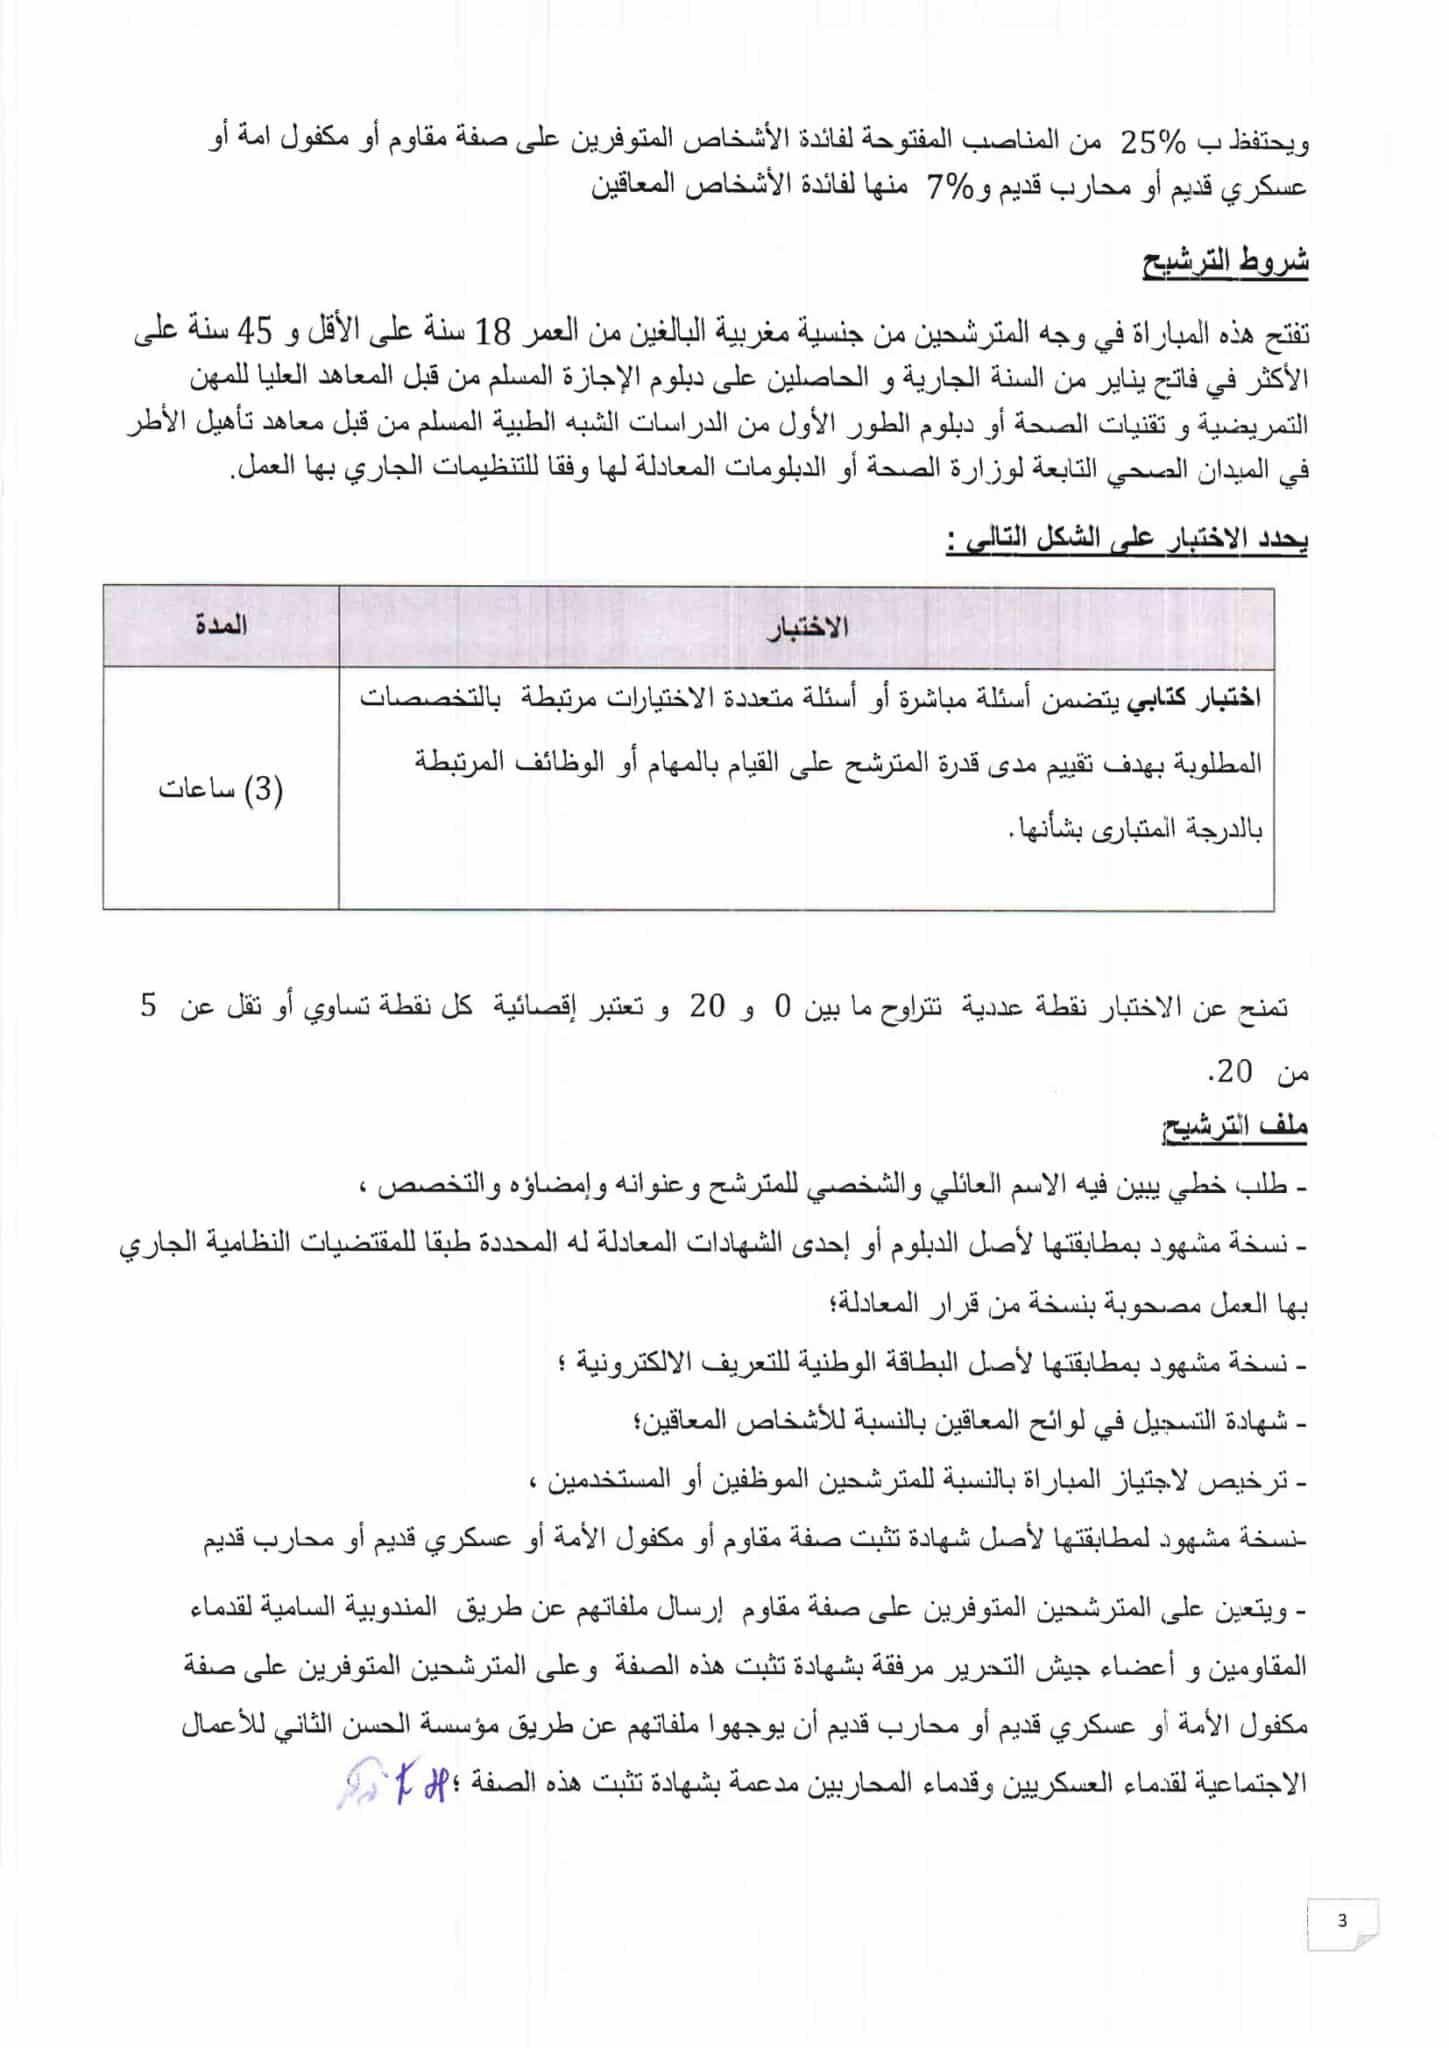 Concours de Recrutement CHU Hassan II (175 Postes)